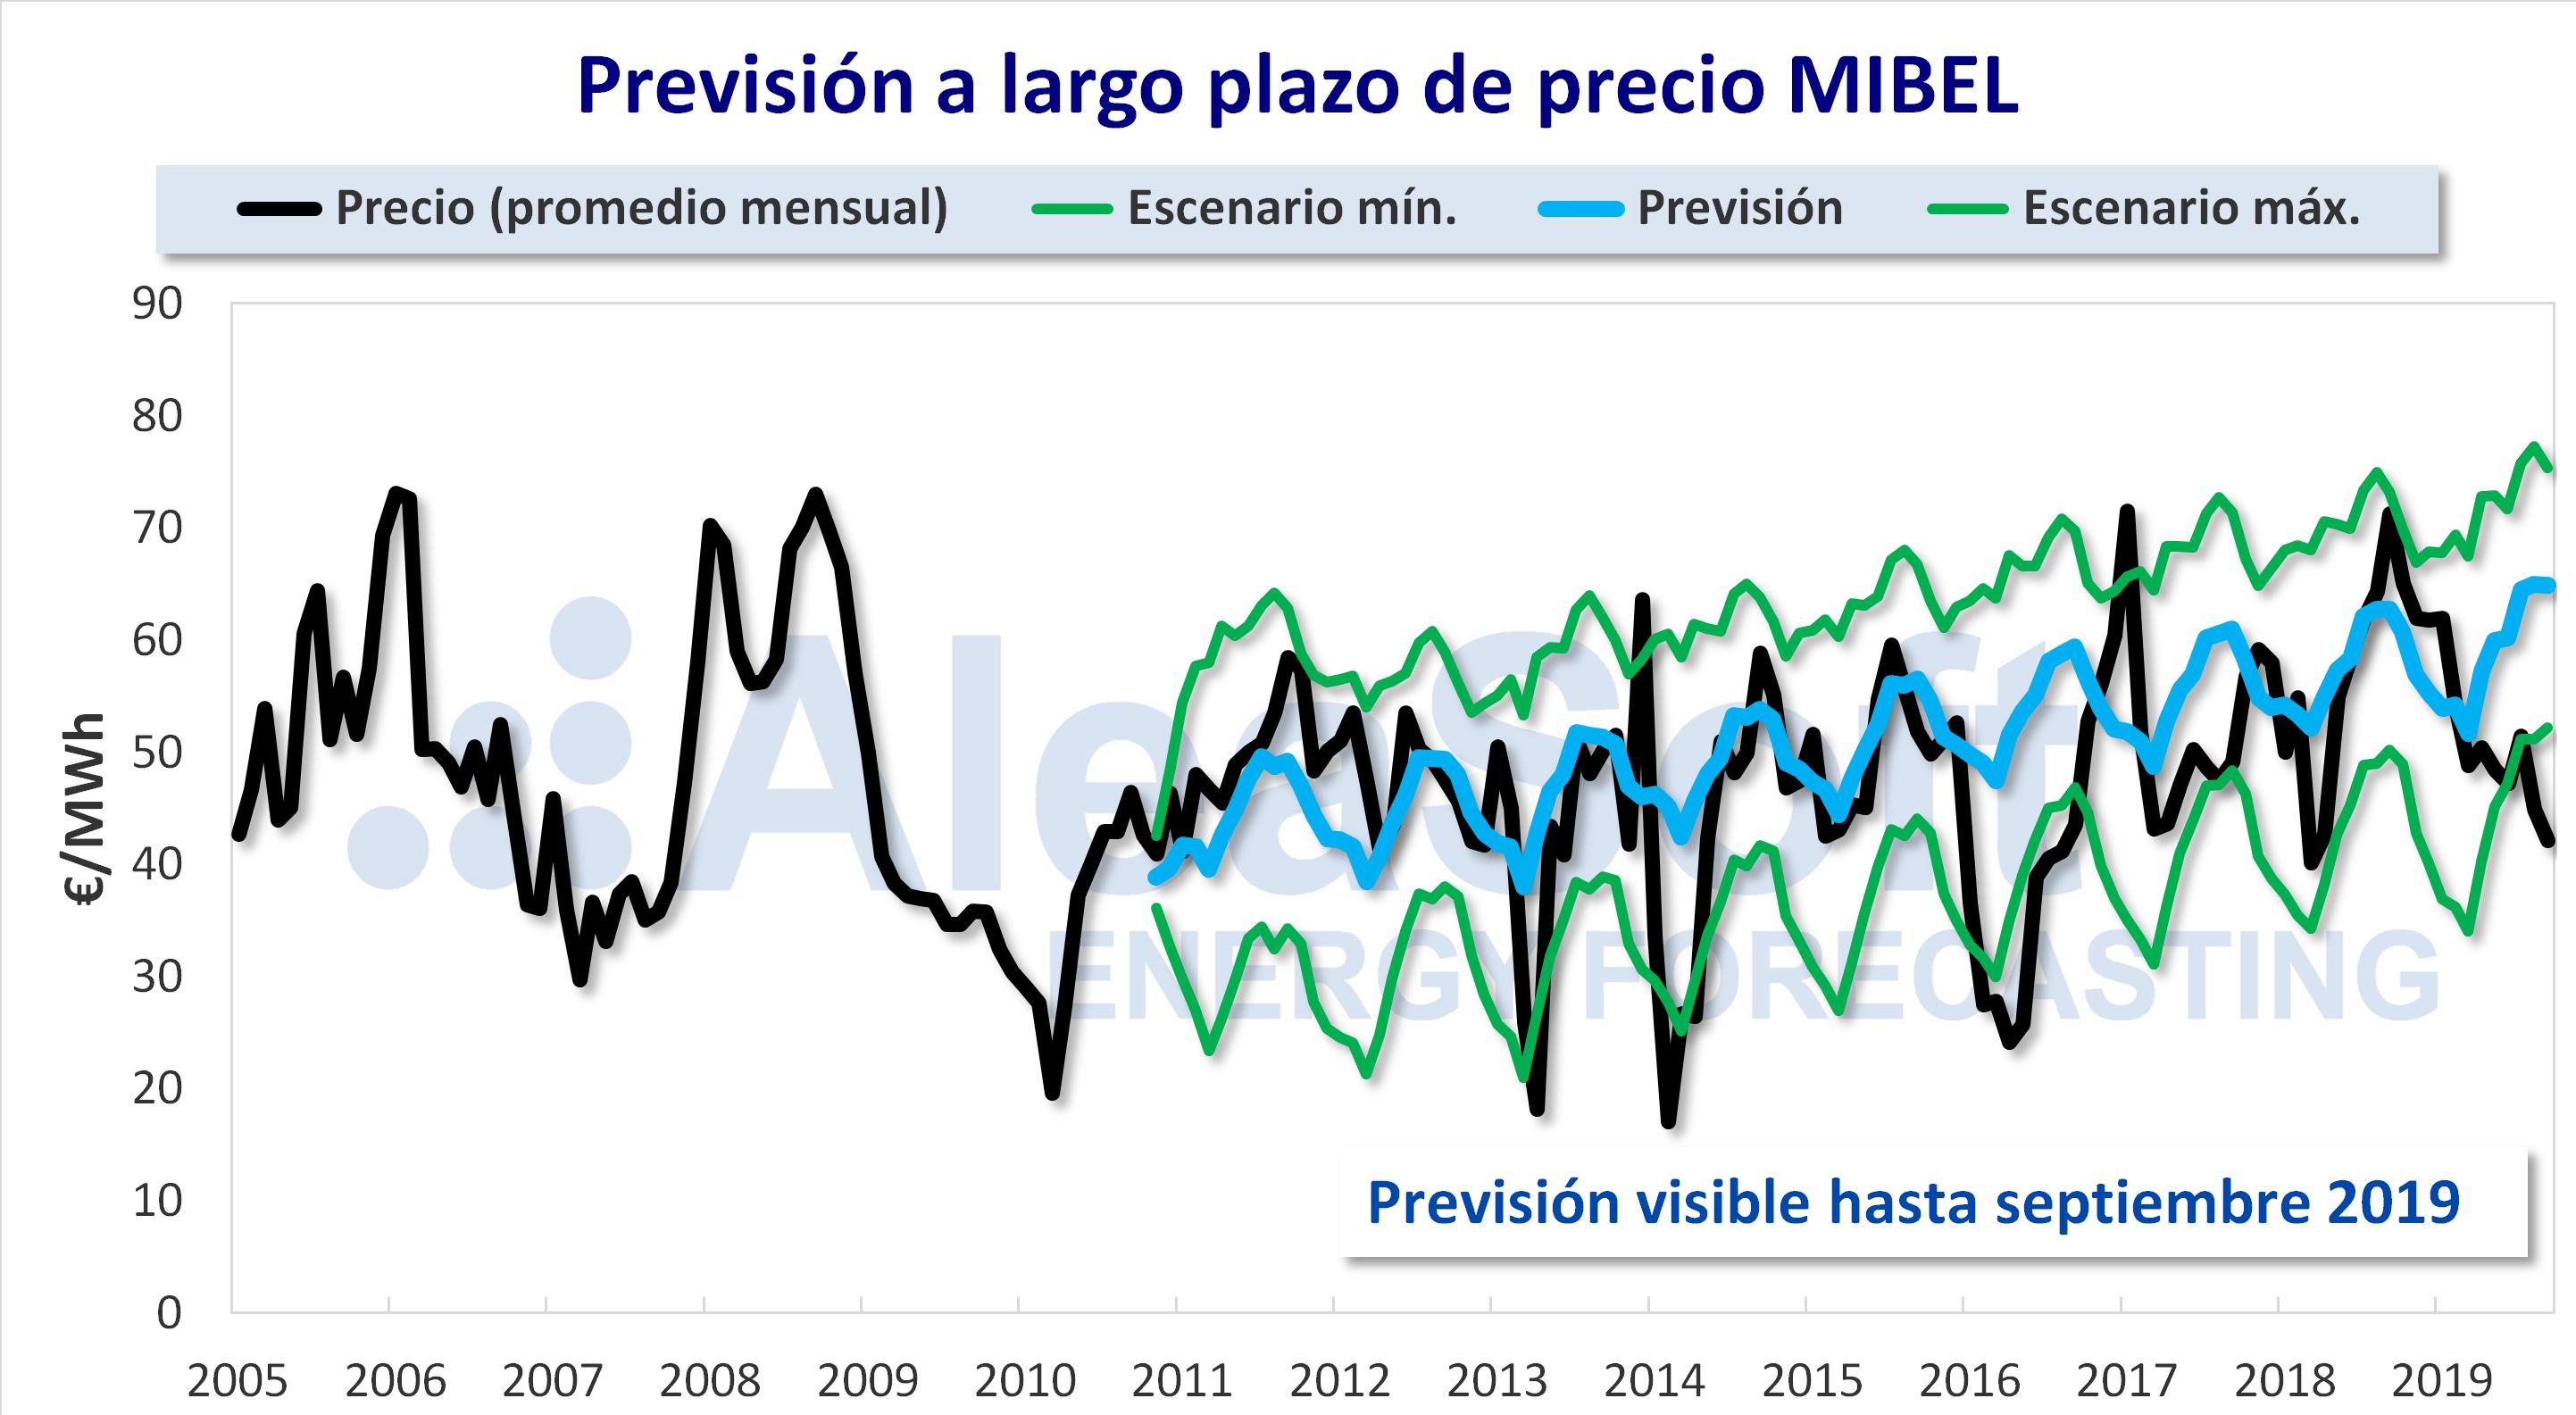 AleaSoft - Prevision precio largo plazo MIBEL